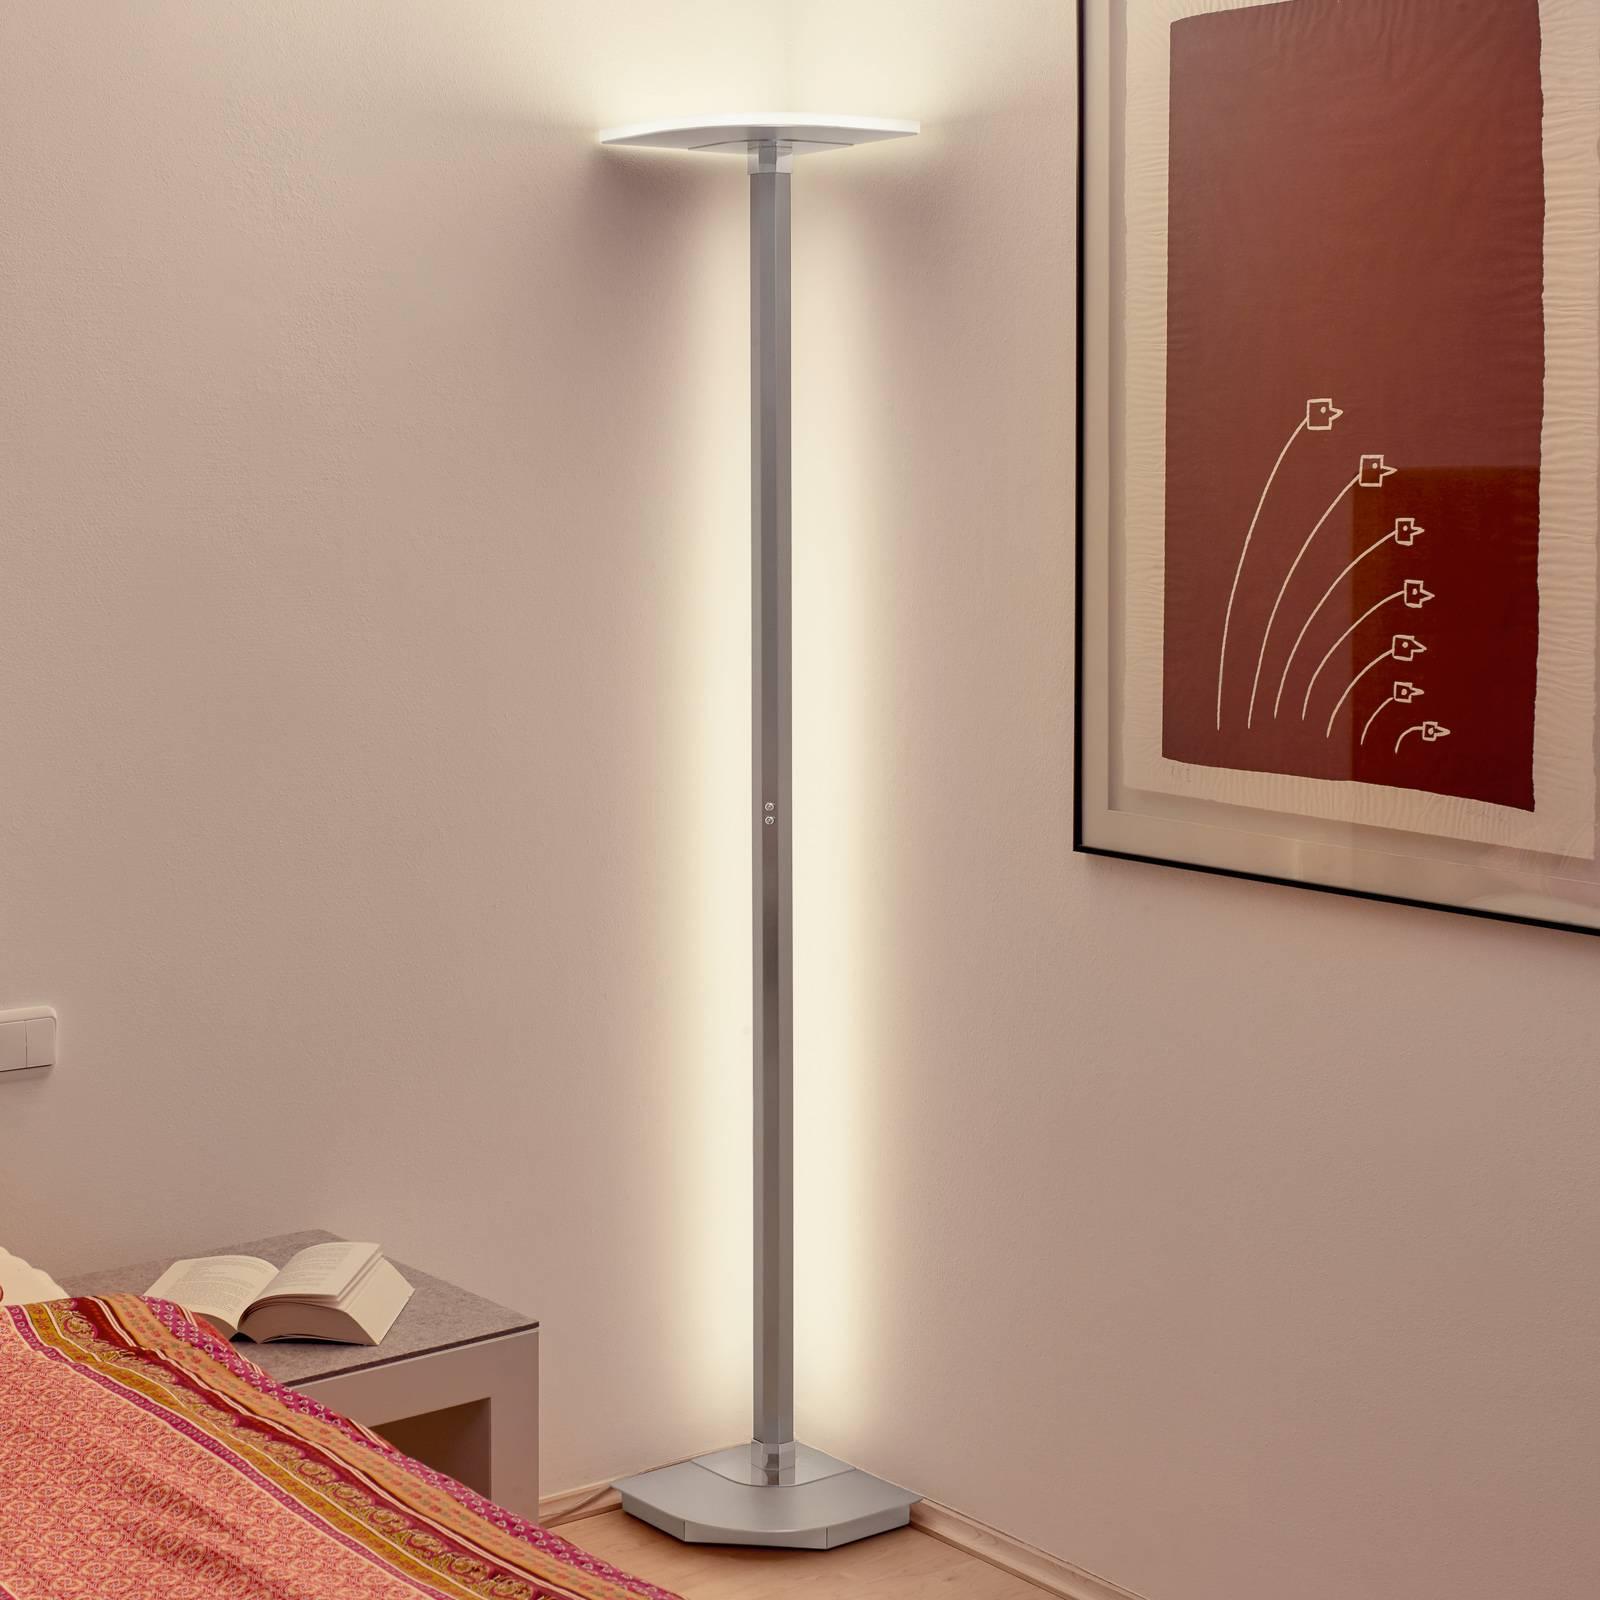 BANKAMP Enzo LED-vloerlamp, voor ZigBee geschikt